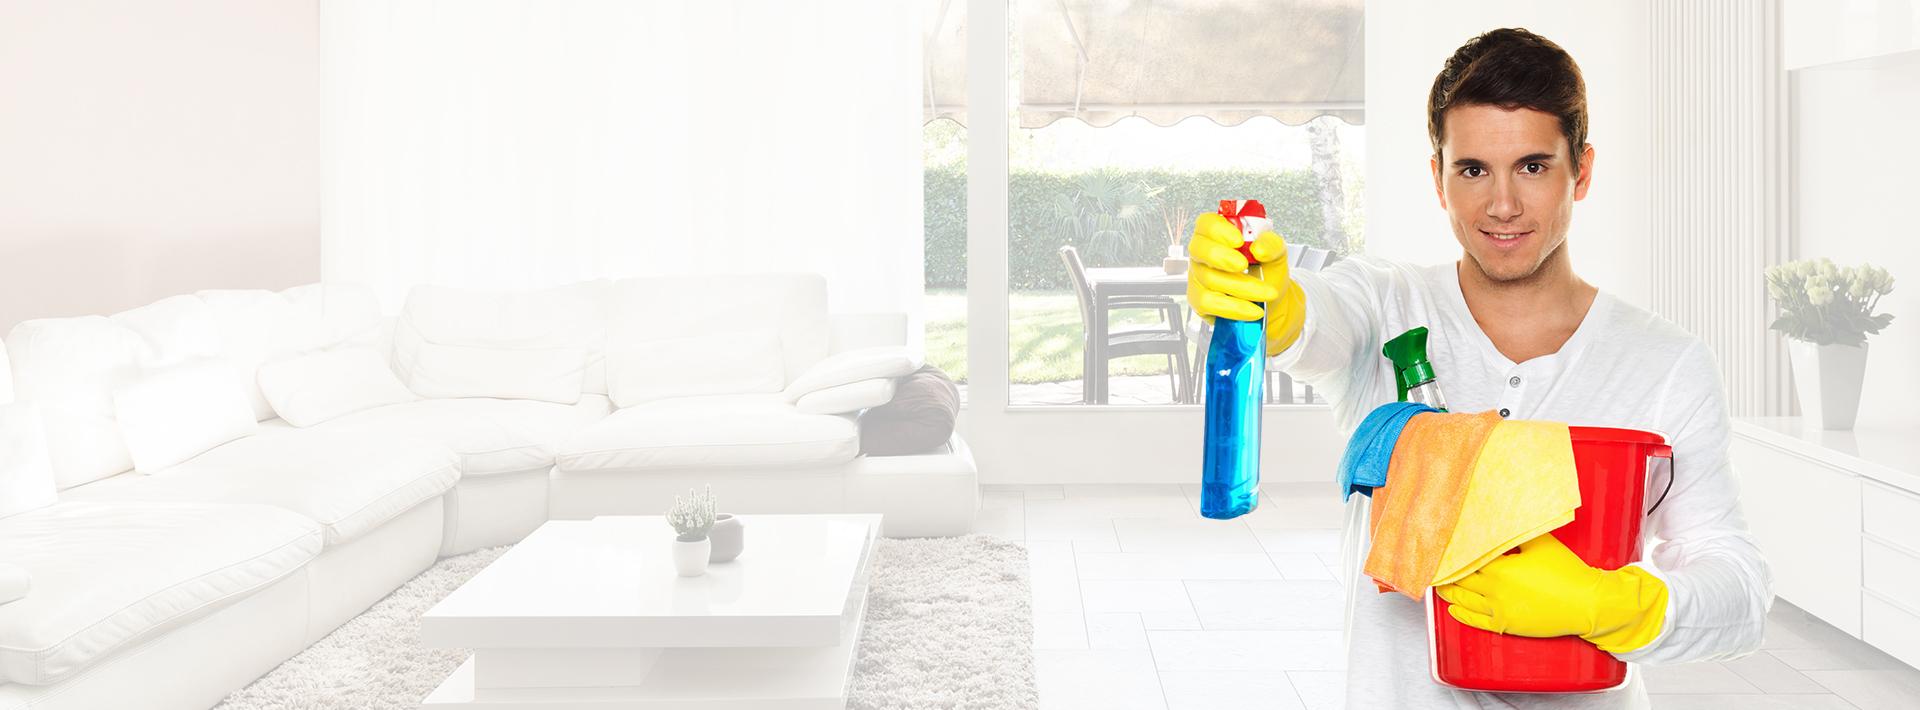 Kensington Cleaners